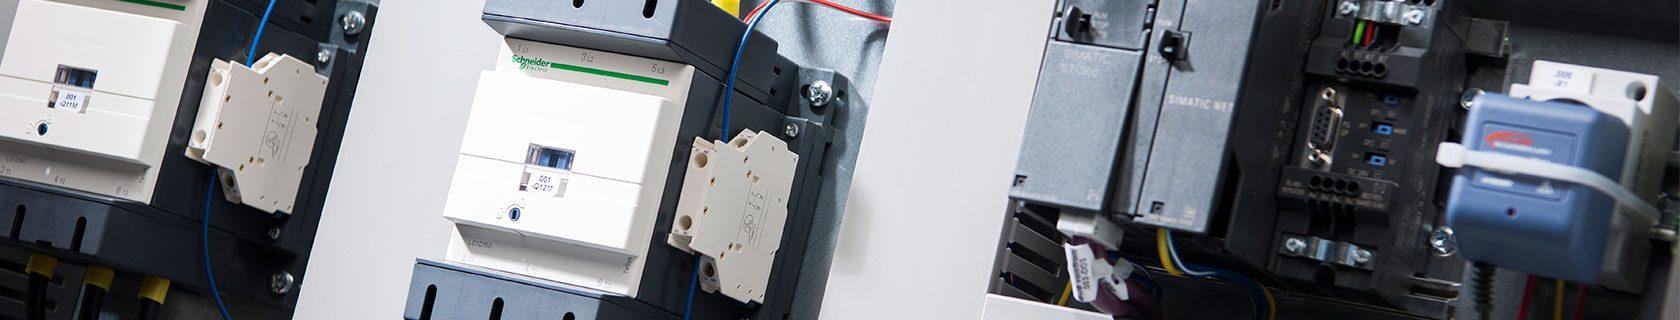 Wir suchen Sie als Elektroniker für Betriebstechnik – Weigert Elektronik